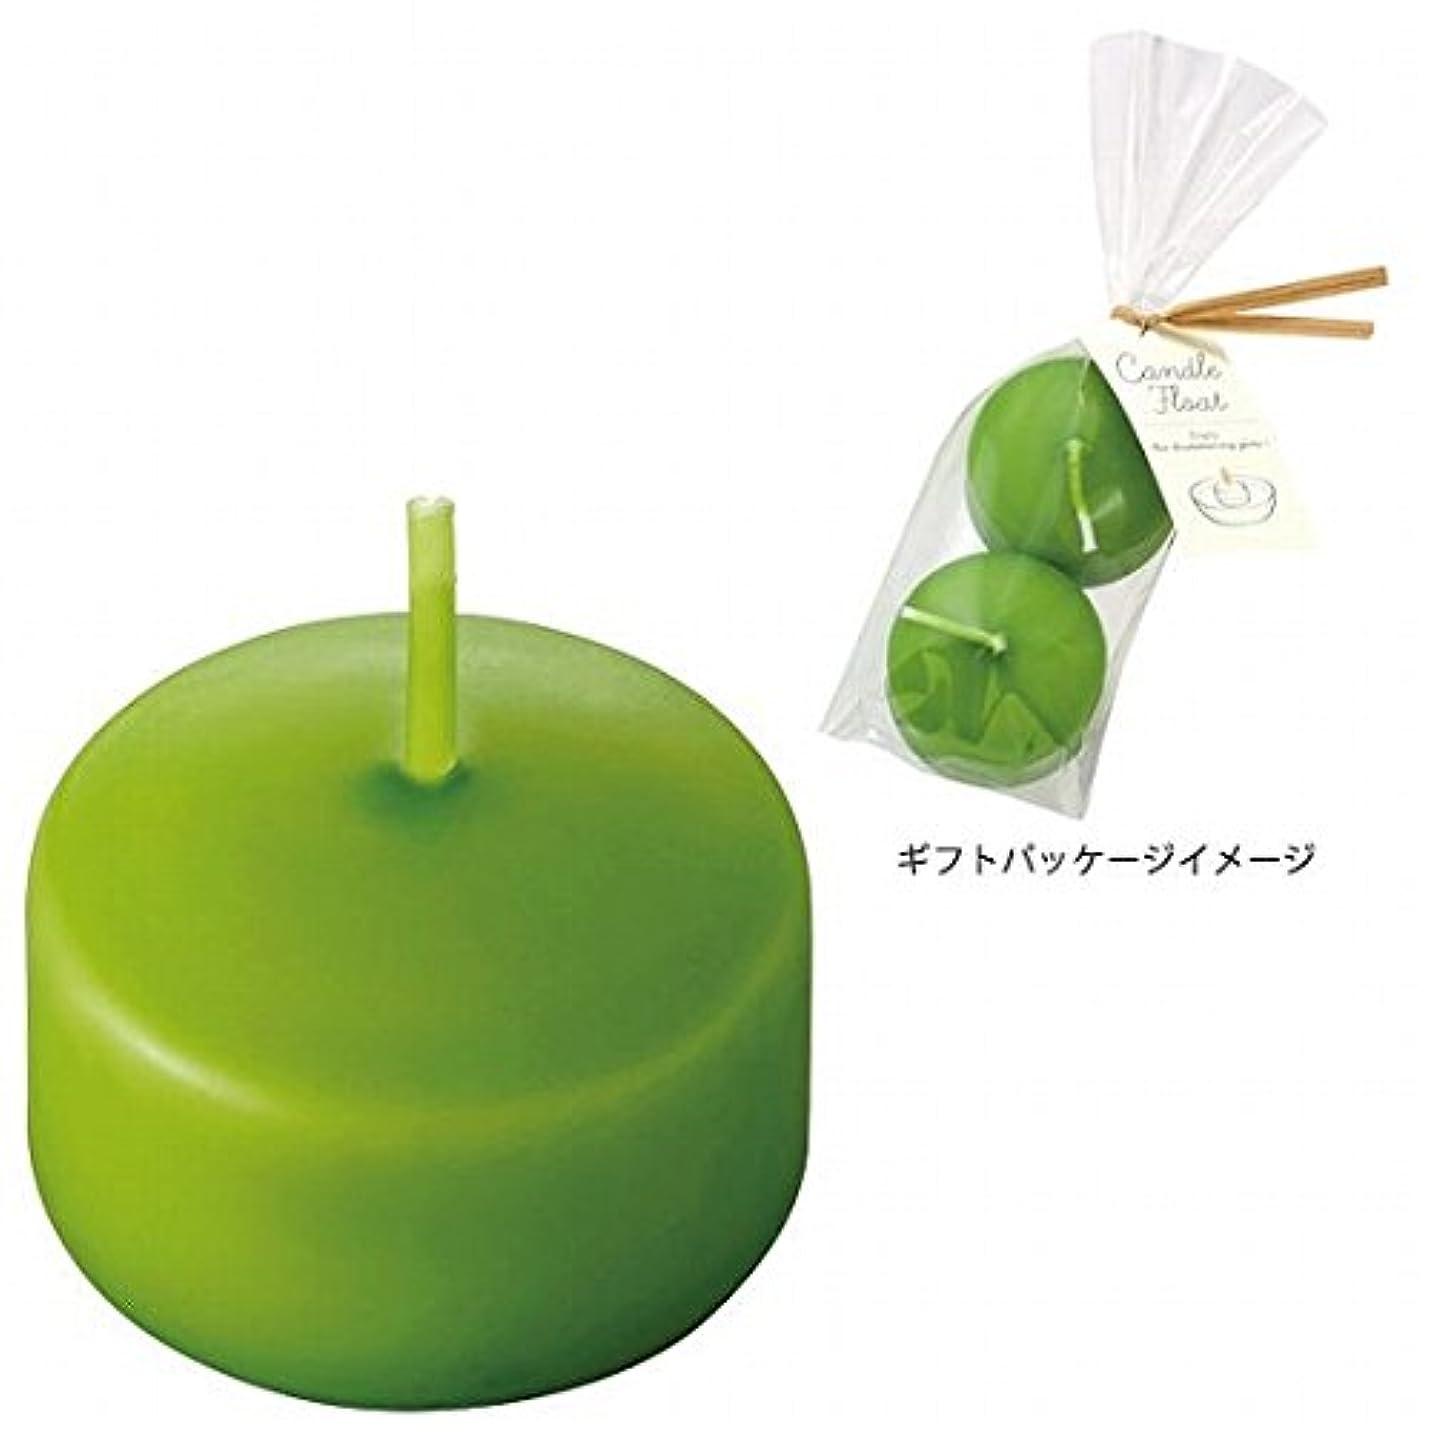 熱心なショット累積カメヤマキャンドル(kameyama candle) ハッピープール(2個入り) キャンドル 「オリーブ」